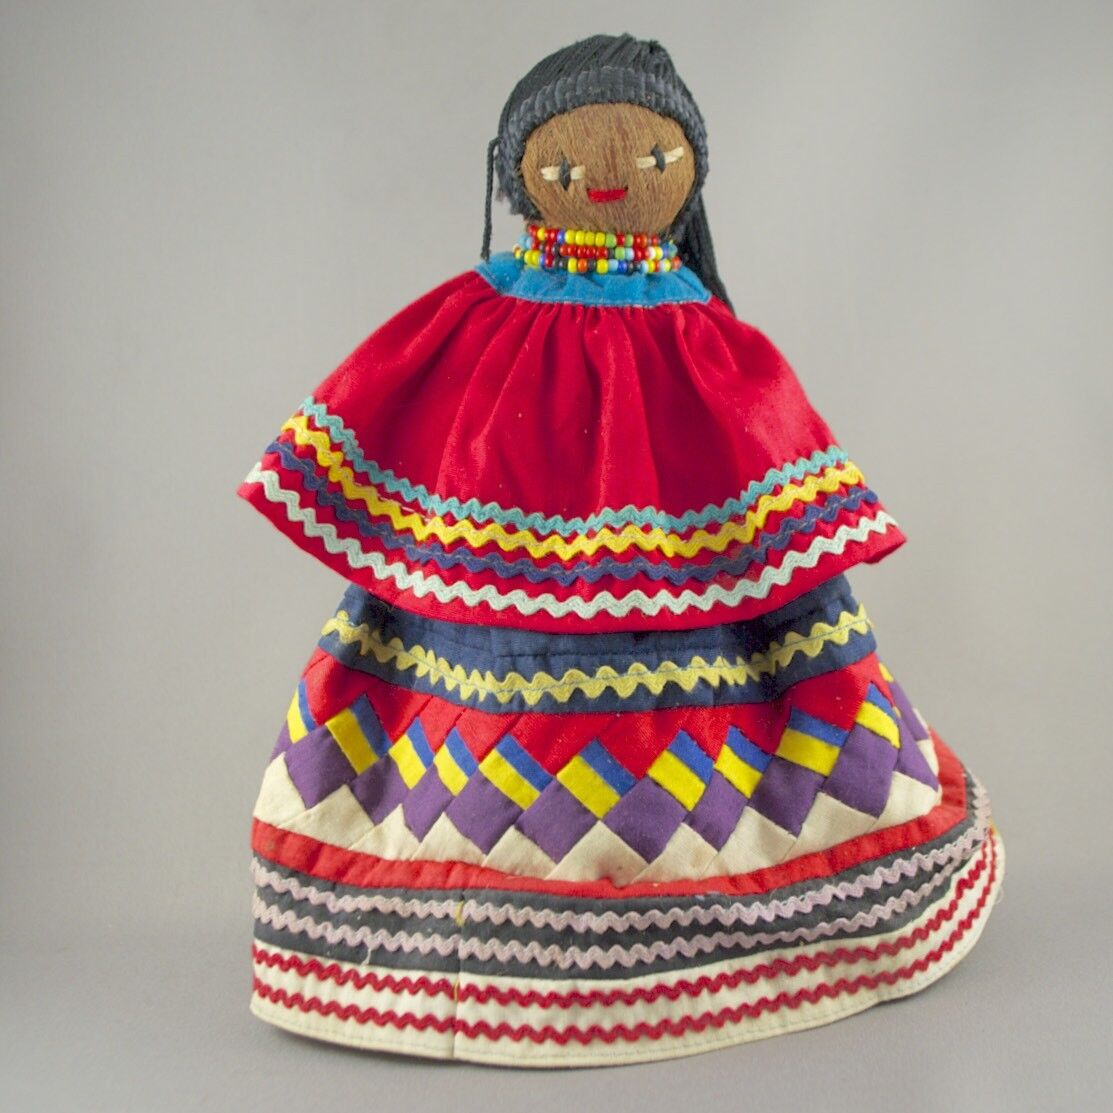 Muñeco De Indio universidad Seminole paño envuelto Palmetto Fibra cáscara hecha por universidad Seminole tribu –23